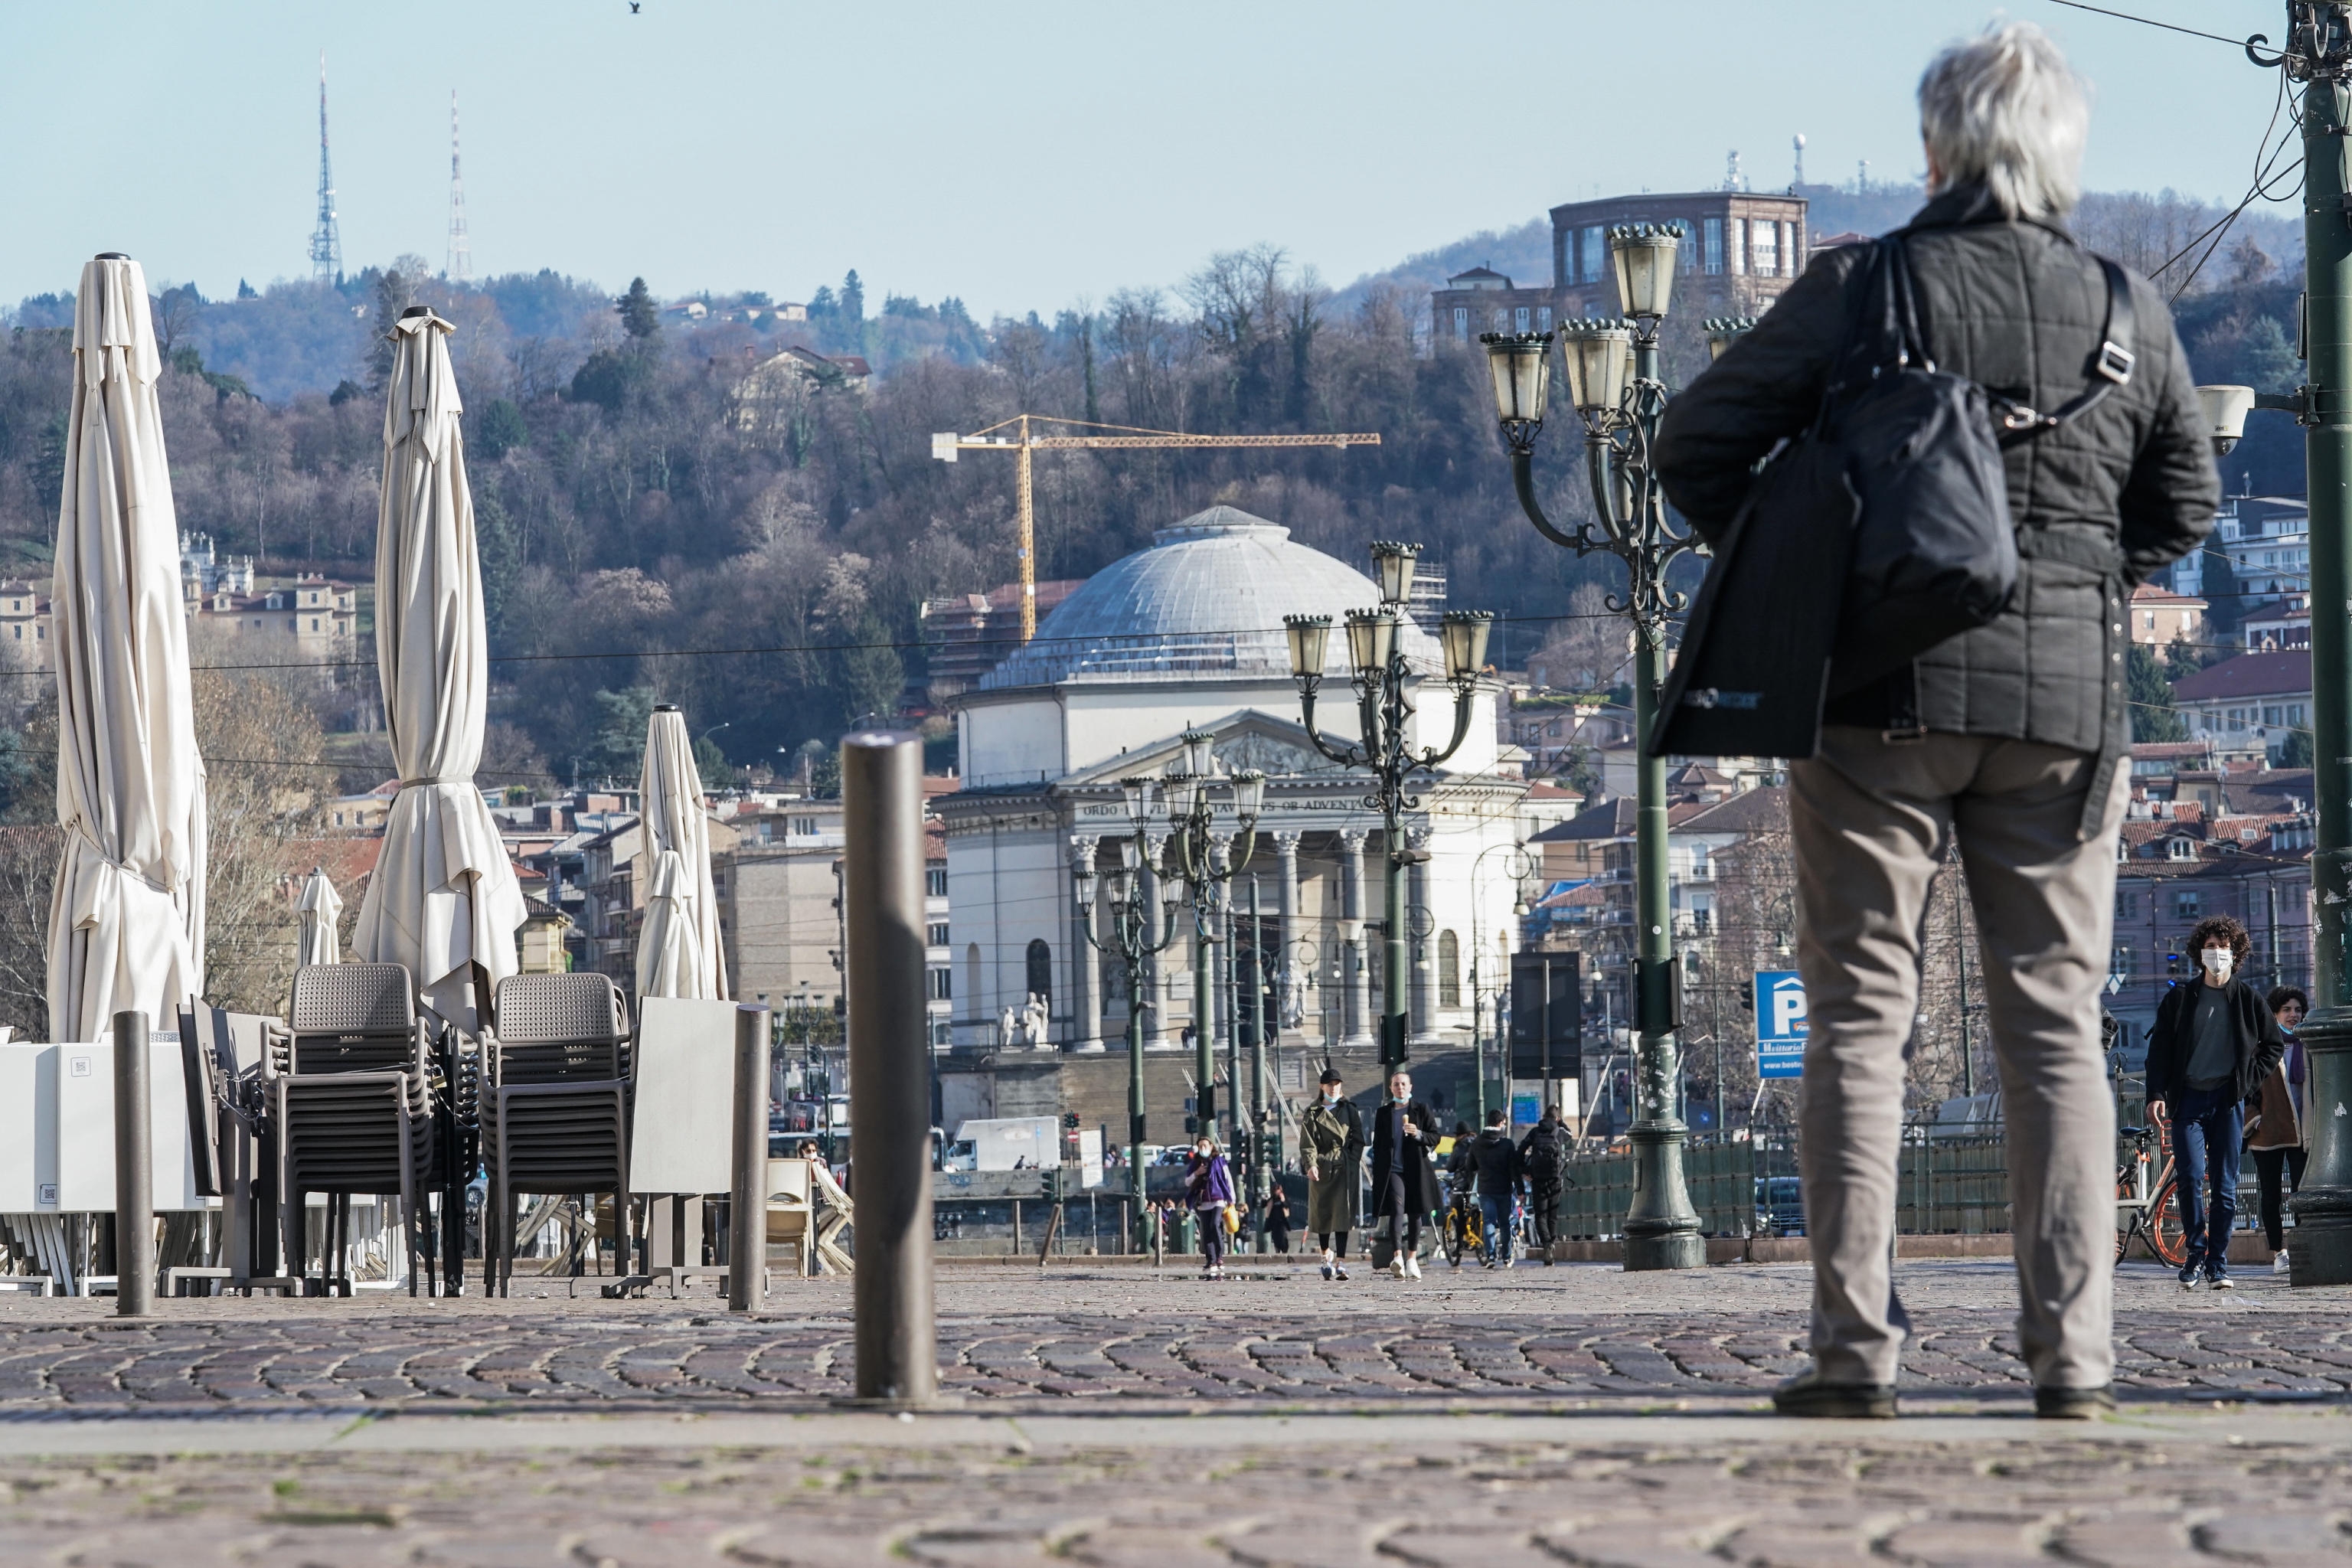 In Piemonte scuole chiuse dall'8 marzo, in classe solo fino alla prima media. Scatta la zona rossa in altri 14 Comuni